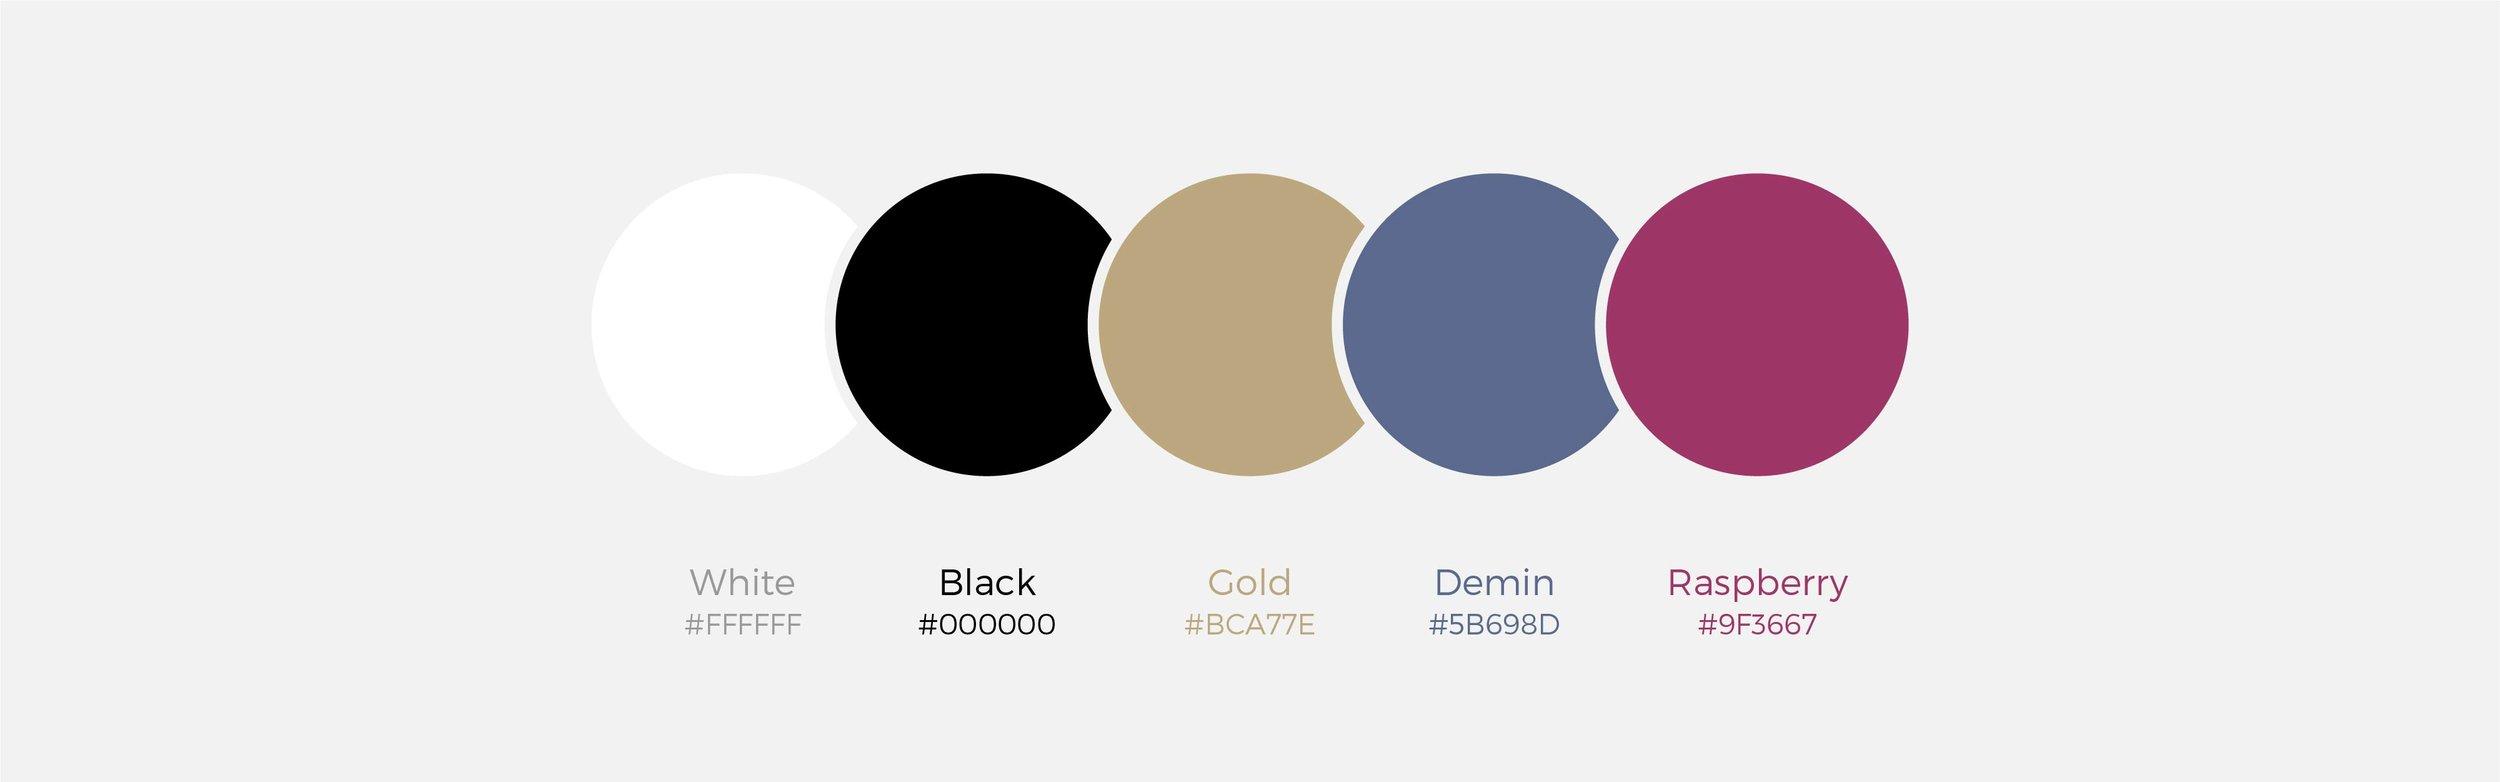 taylormarie-colors-05.jpg